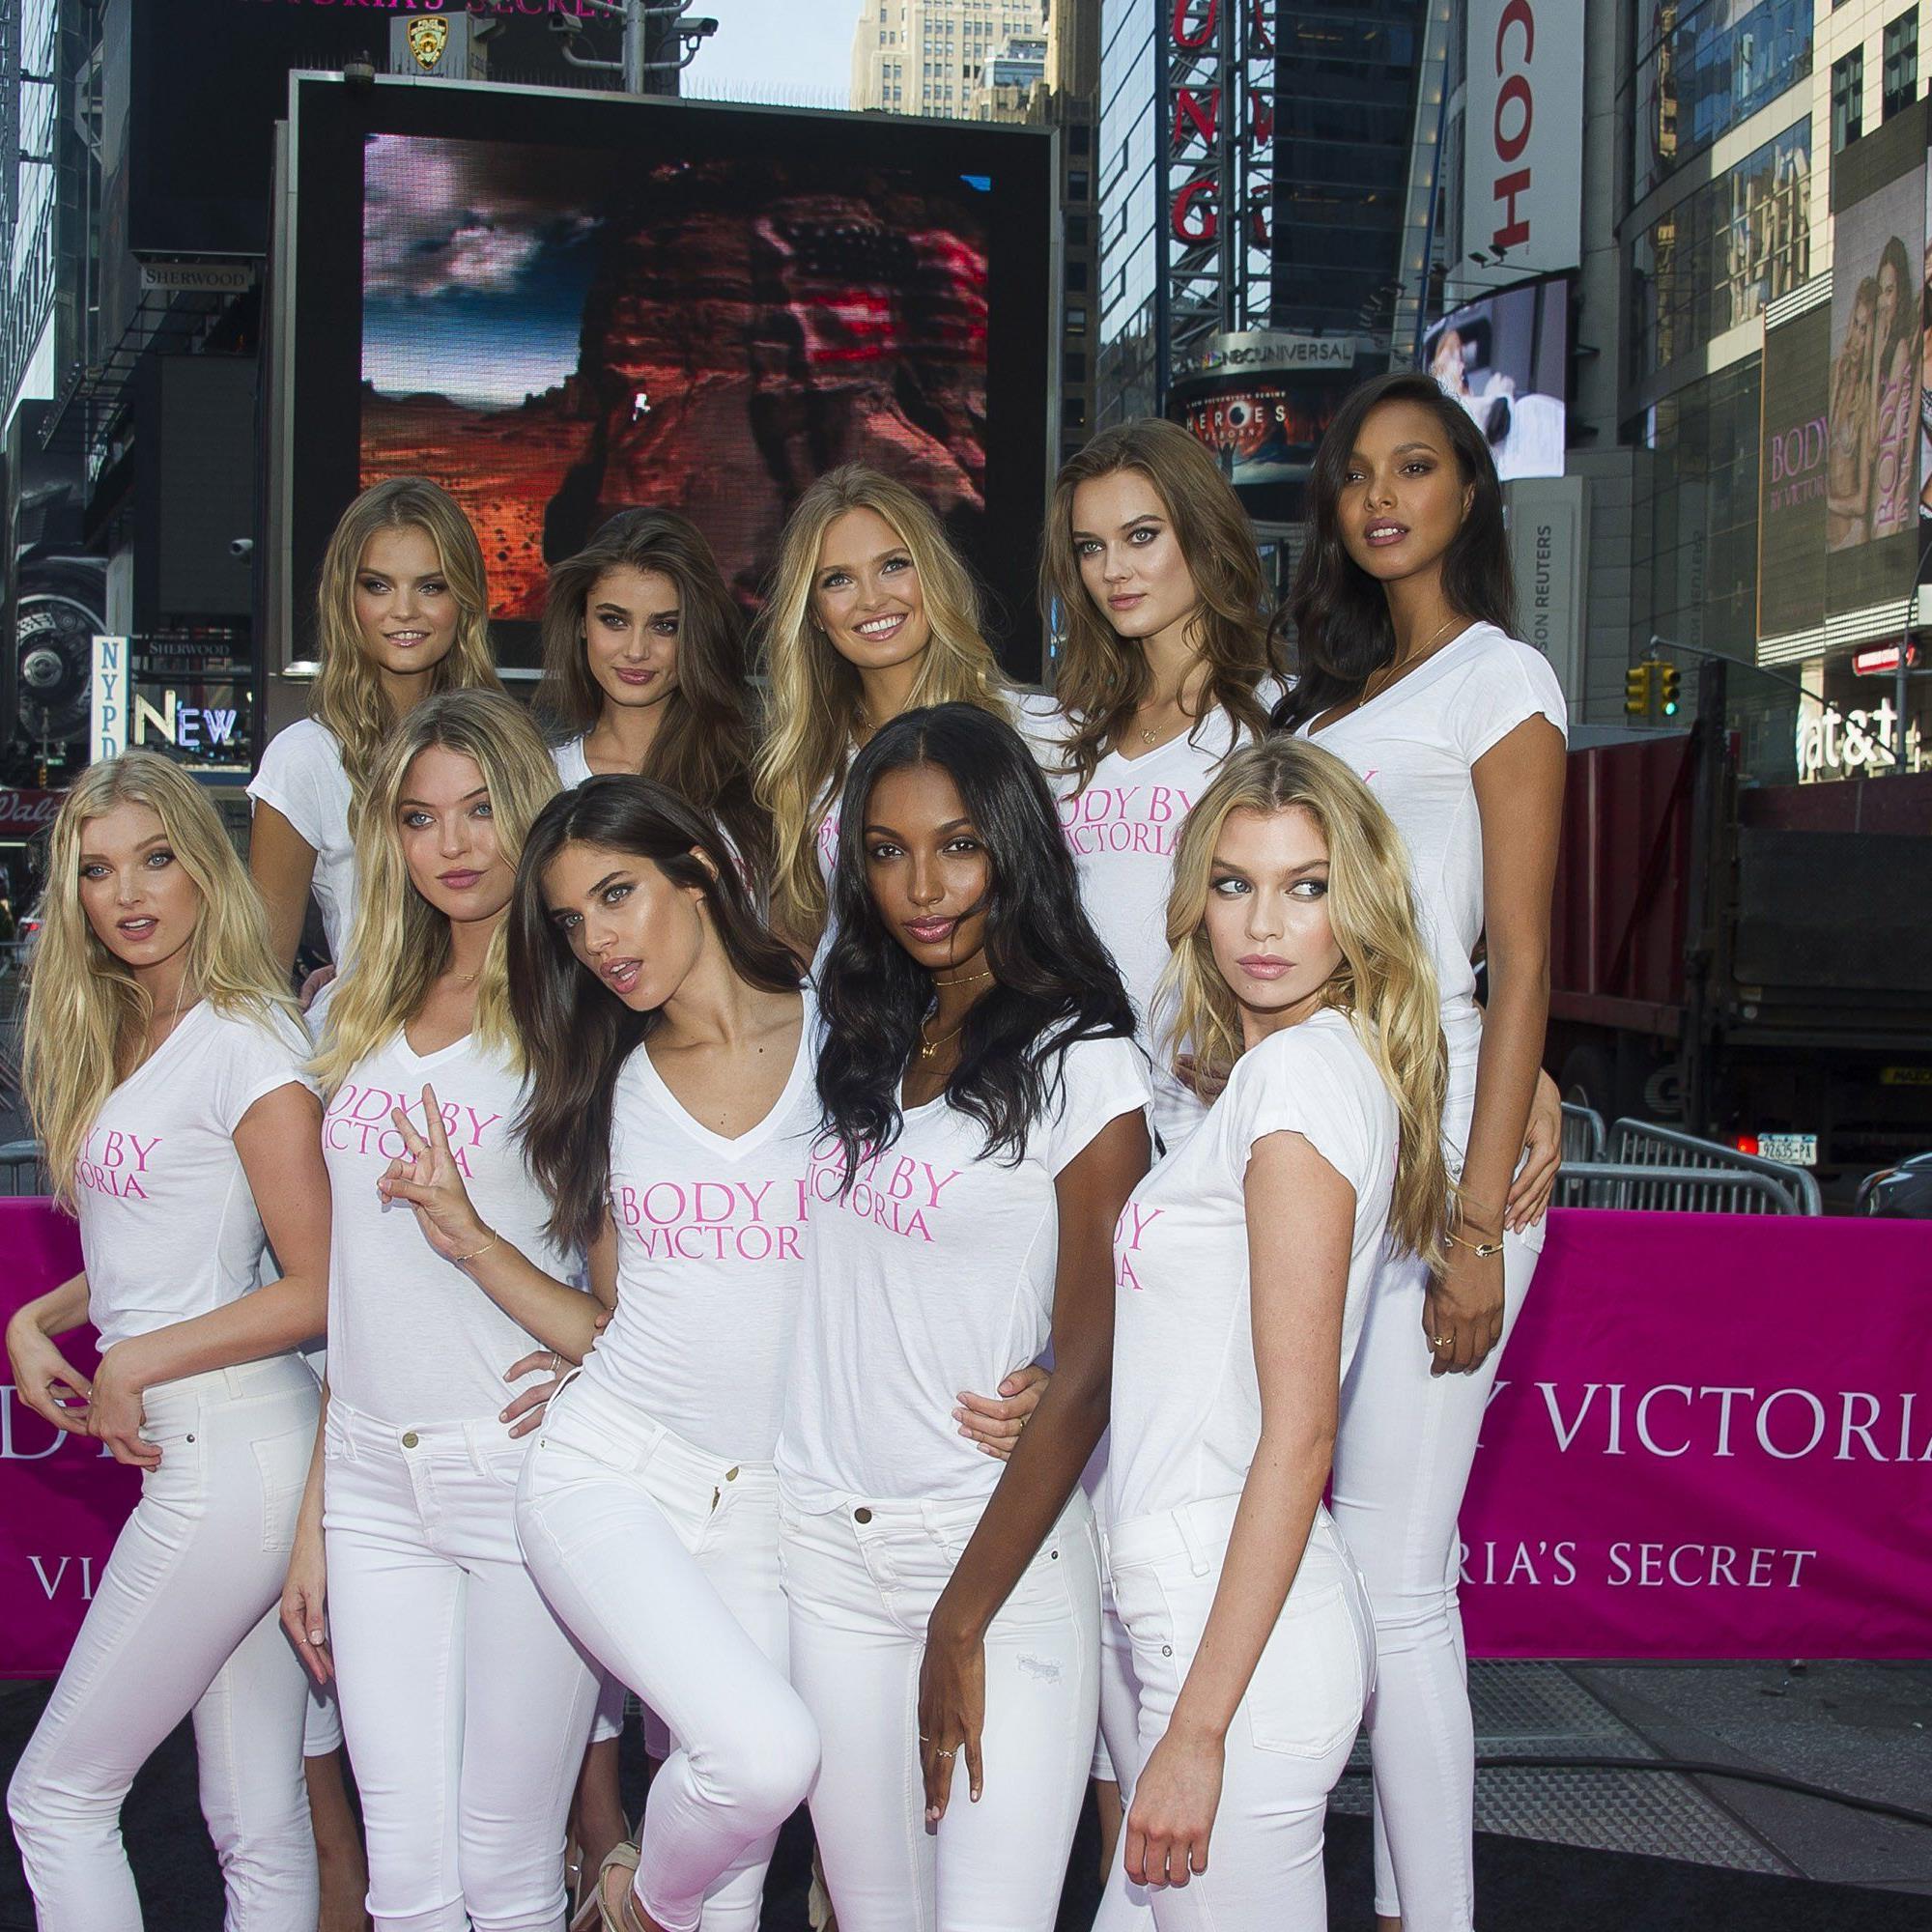 Zehn neue Engel für die Victoria's Secret-Familie.